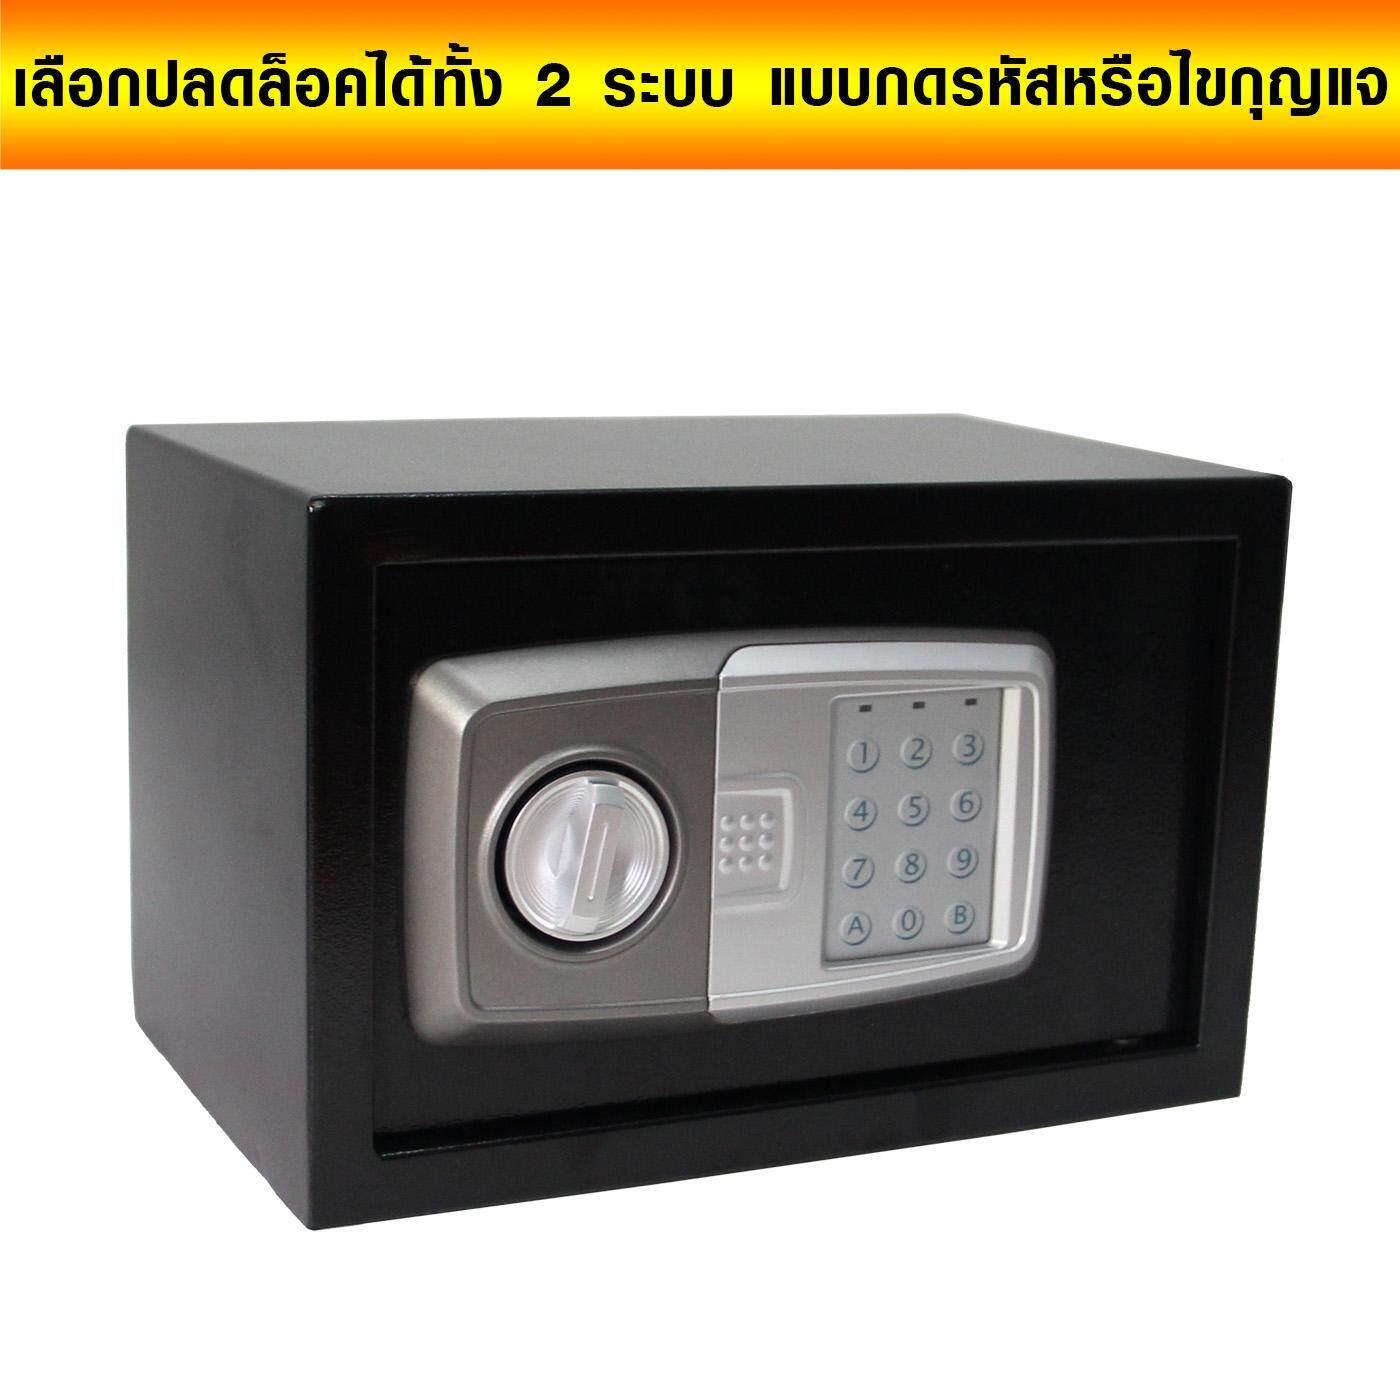 ตู้เซฟ ตู้เซฟนิรภัย ตู้เซฟออมสิน ตู้เซฟเก็บเงิน รุ่นใหม่ ตู้เซฟอิเล็กทรอนิกส์ (Size : 31 x 20 x 20 cm.) safety box safety deposit box